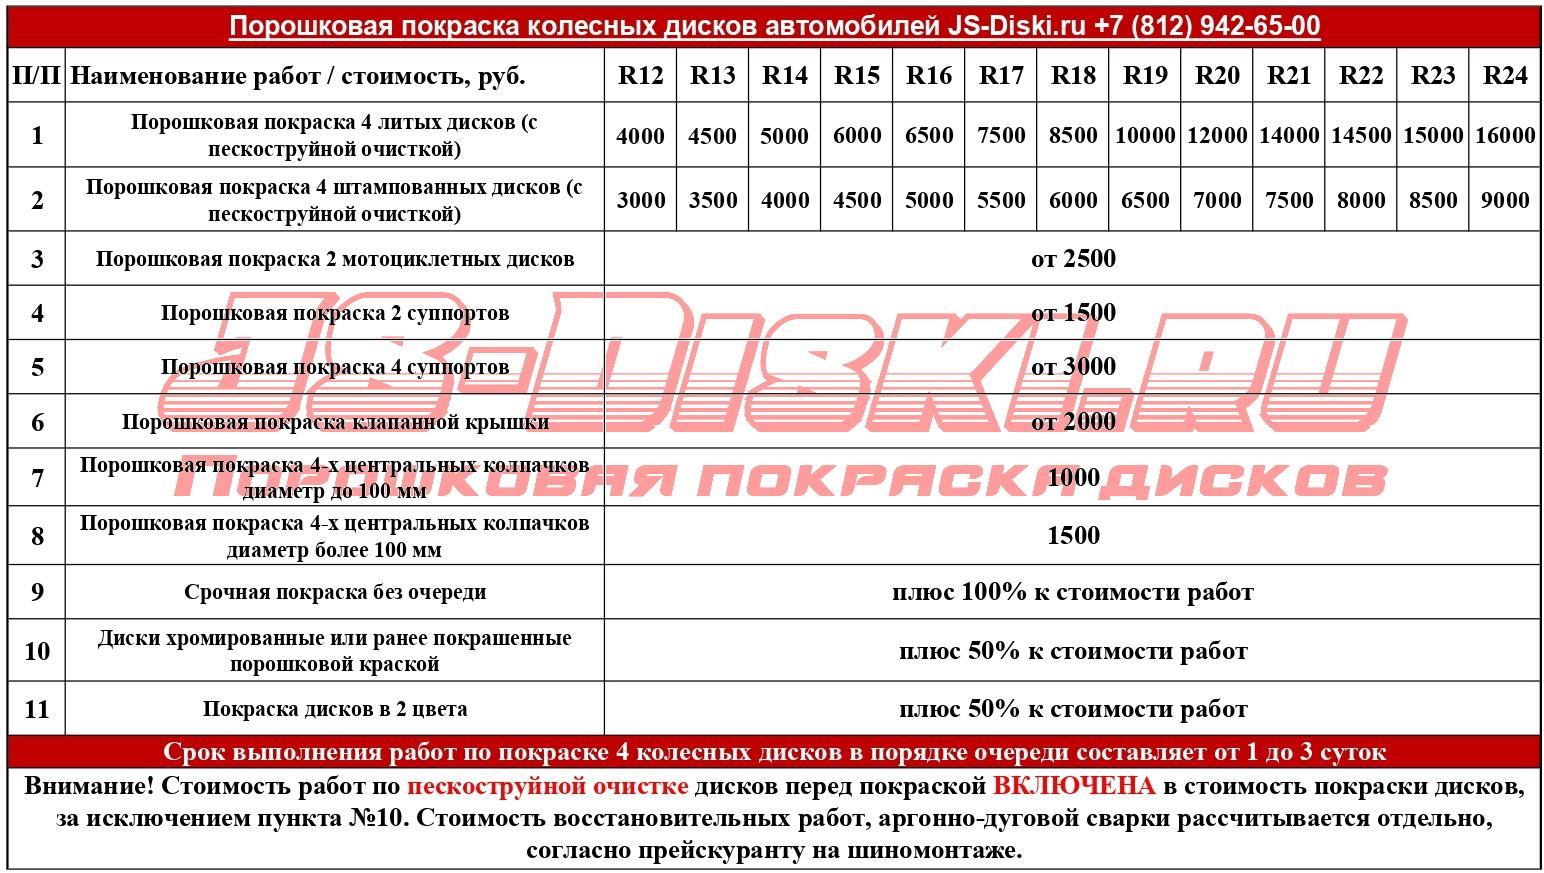 Цены на порошковую покраску дисков в СПб